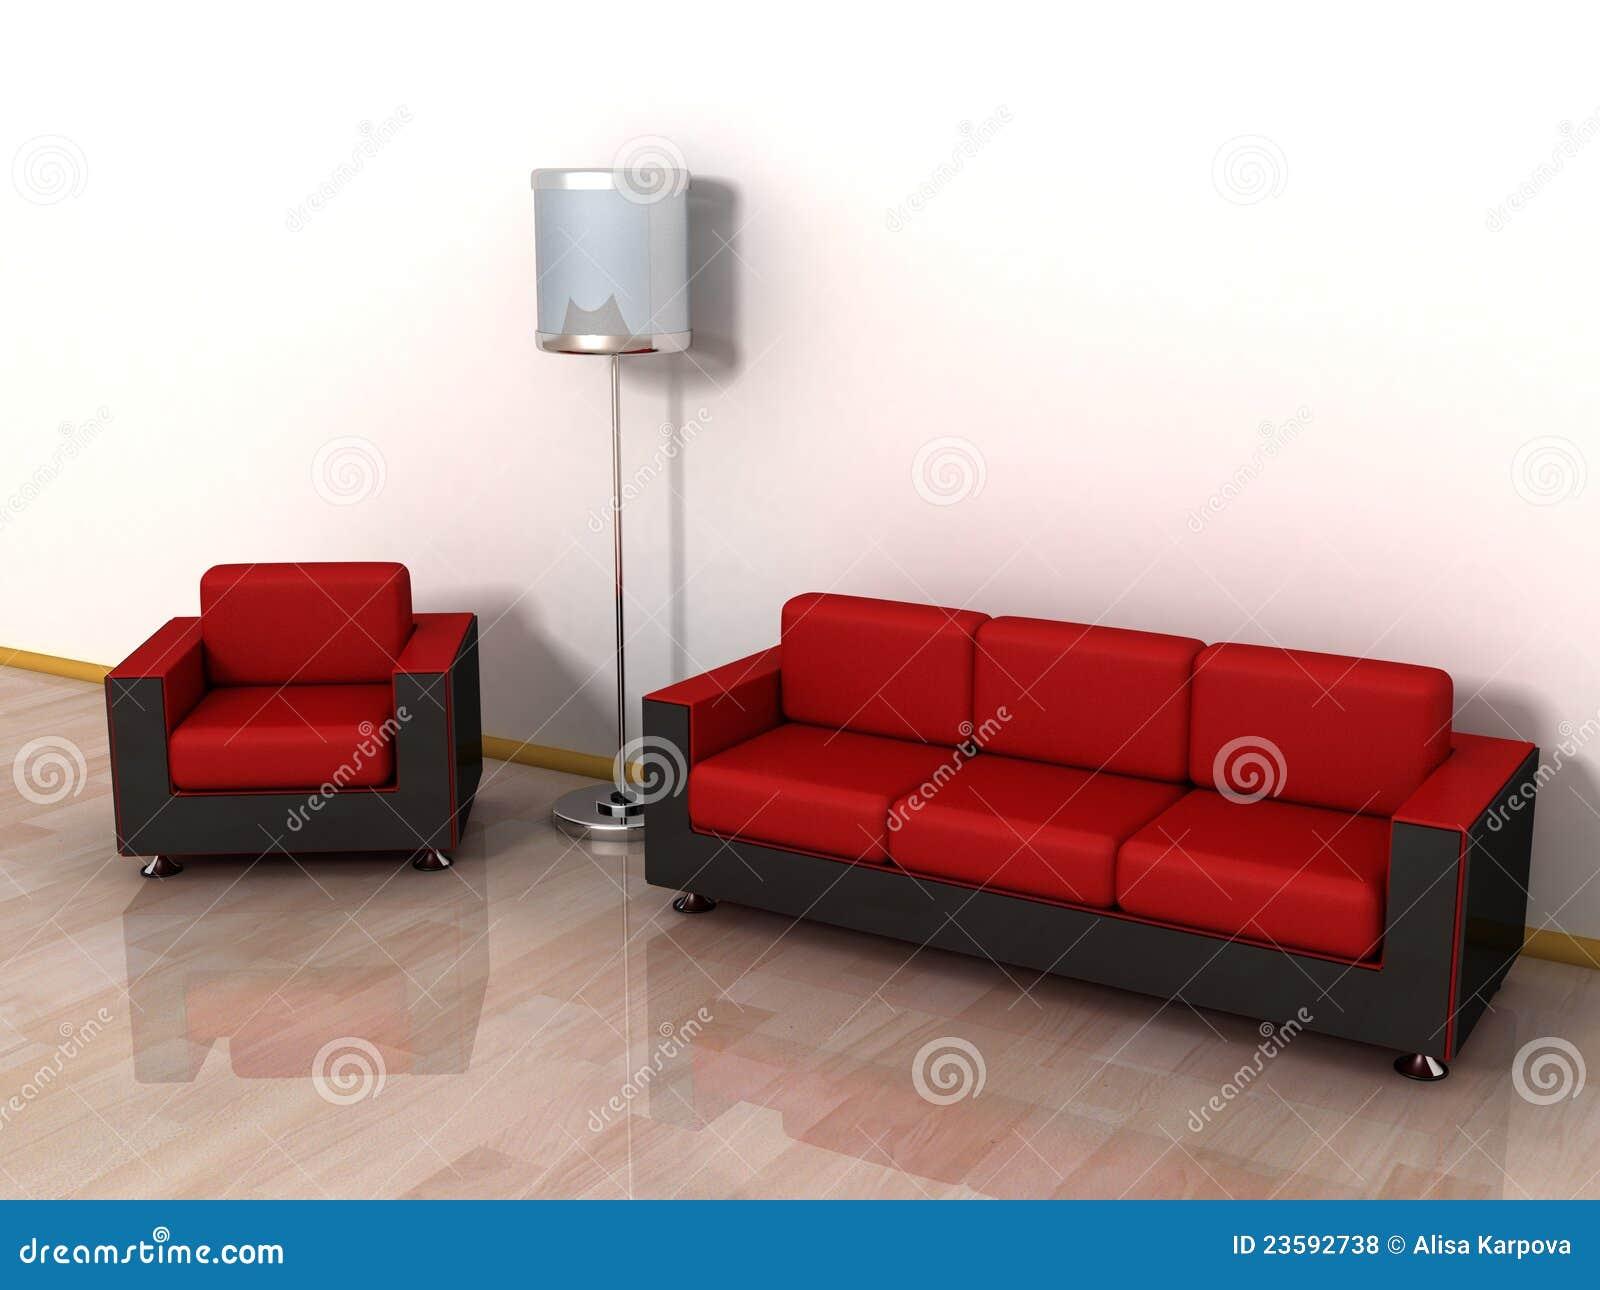 Lampade Da Terra Poltrone E Sofa.Sofa Di Cuoio Rosso Poltrona E Lampada Di Pavimento Alla Moda